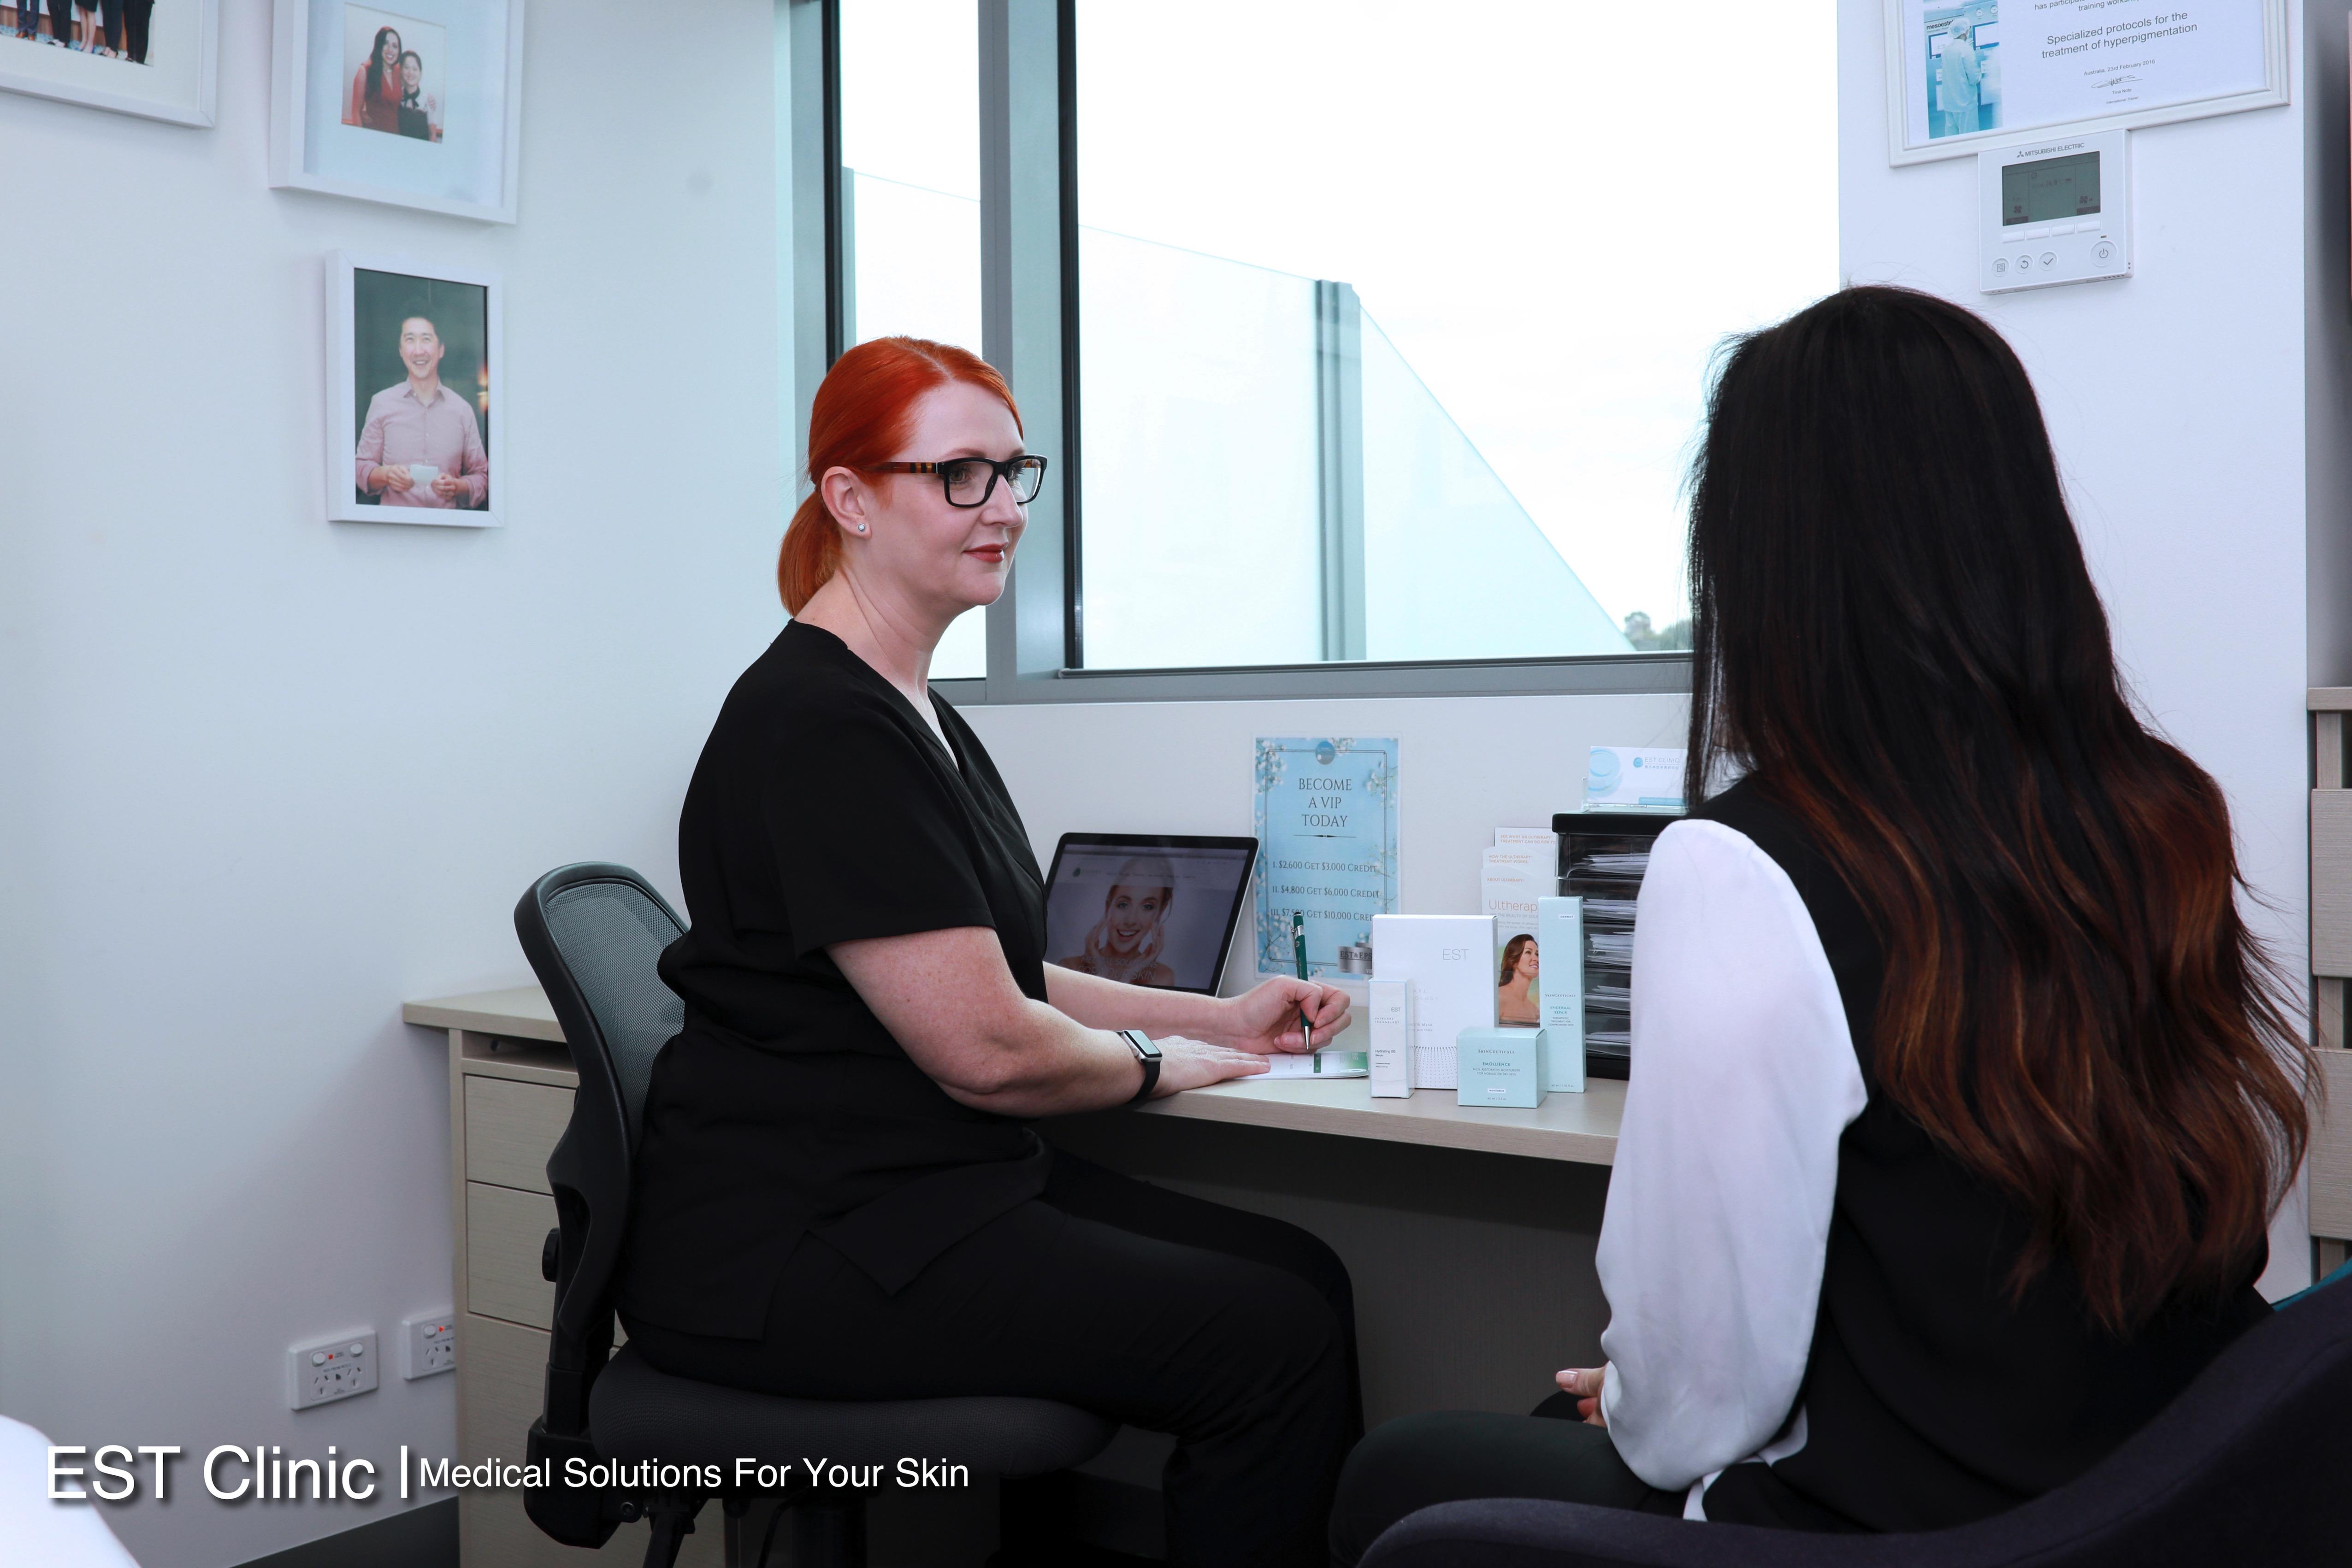 est clinic skin consult 2